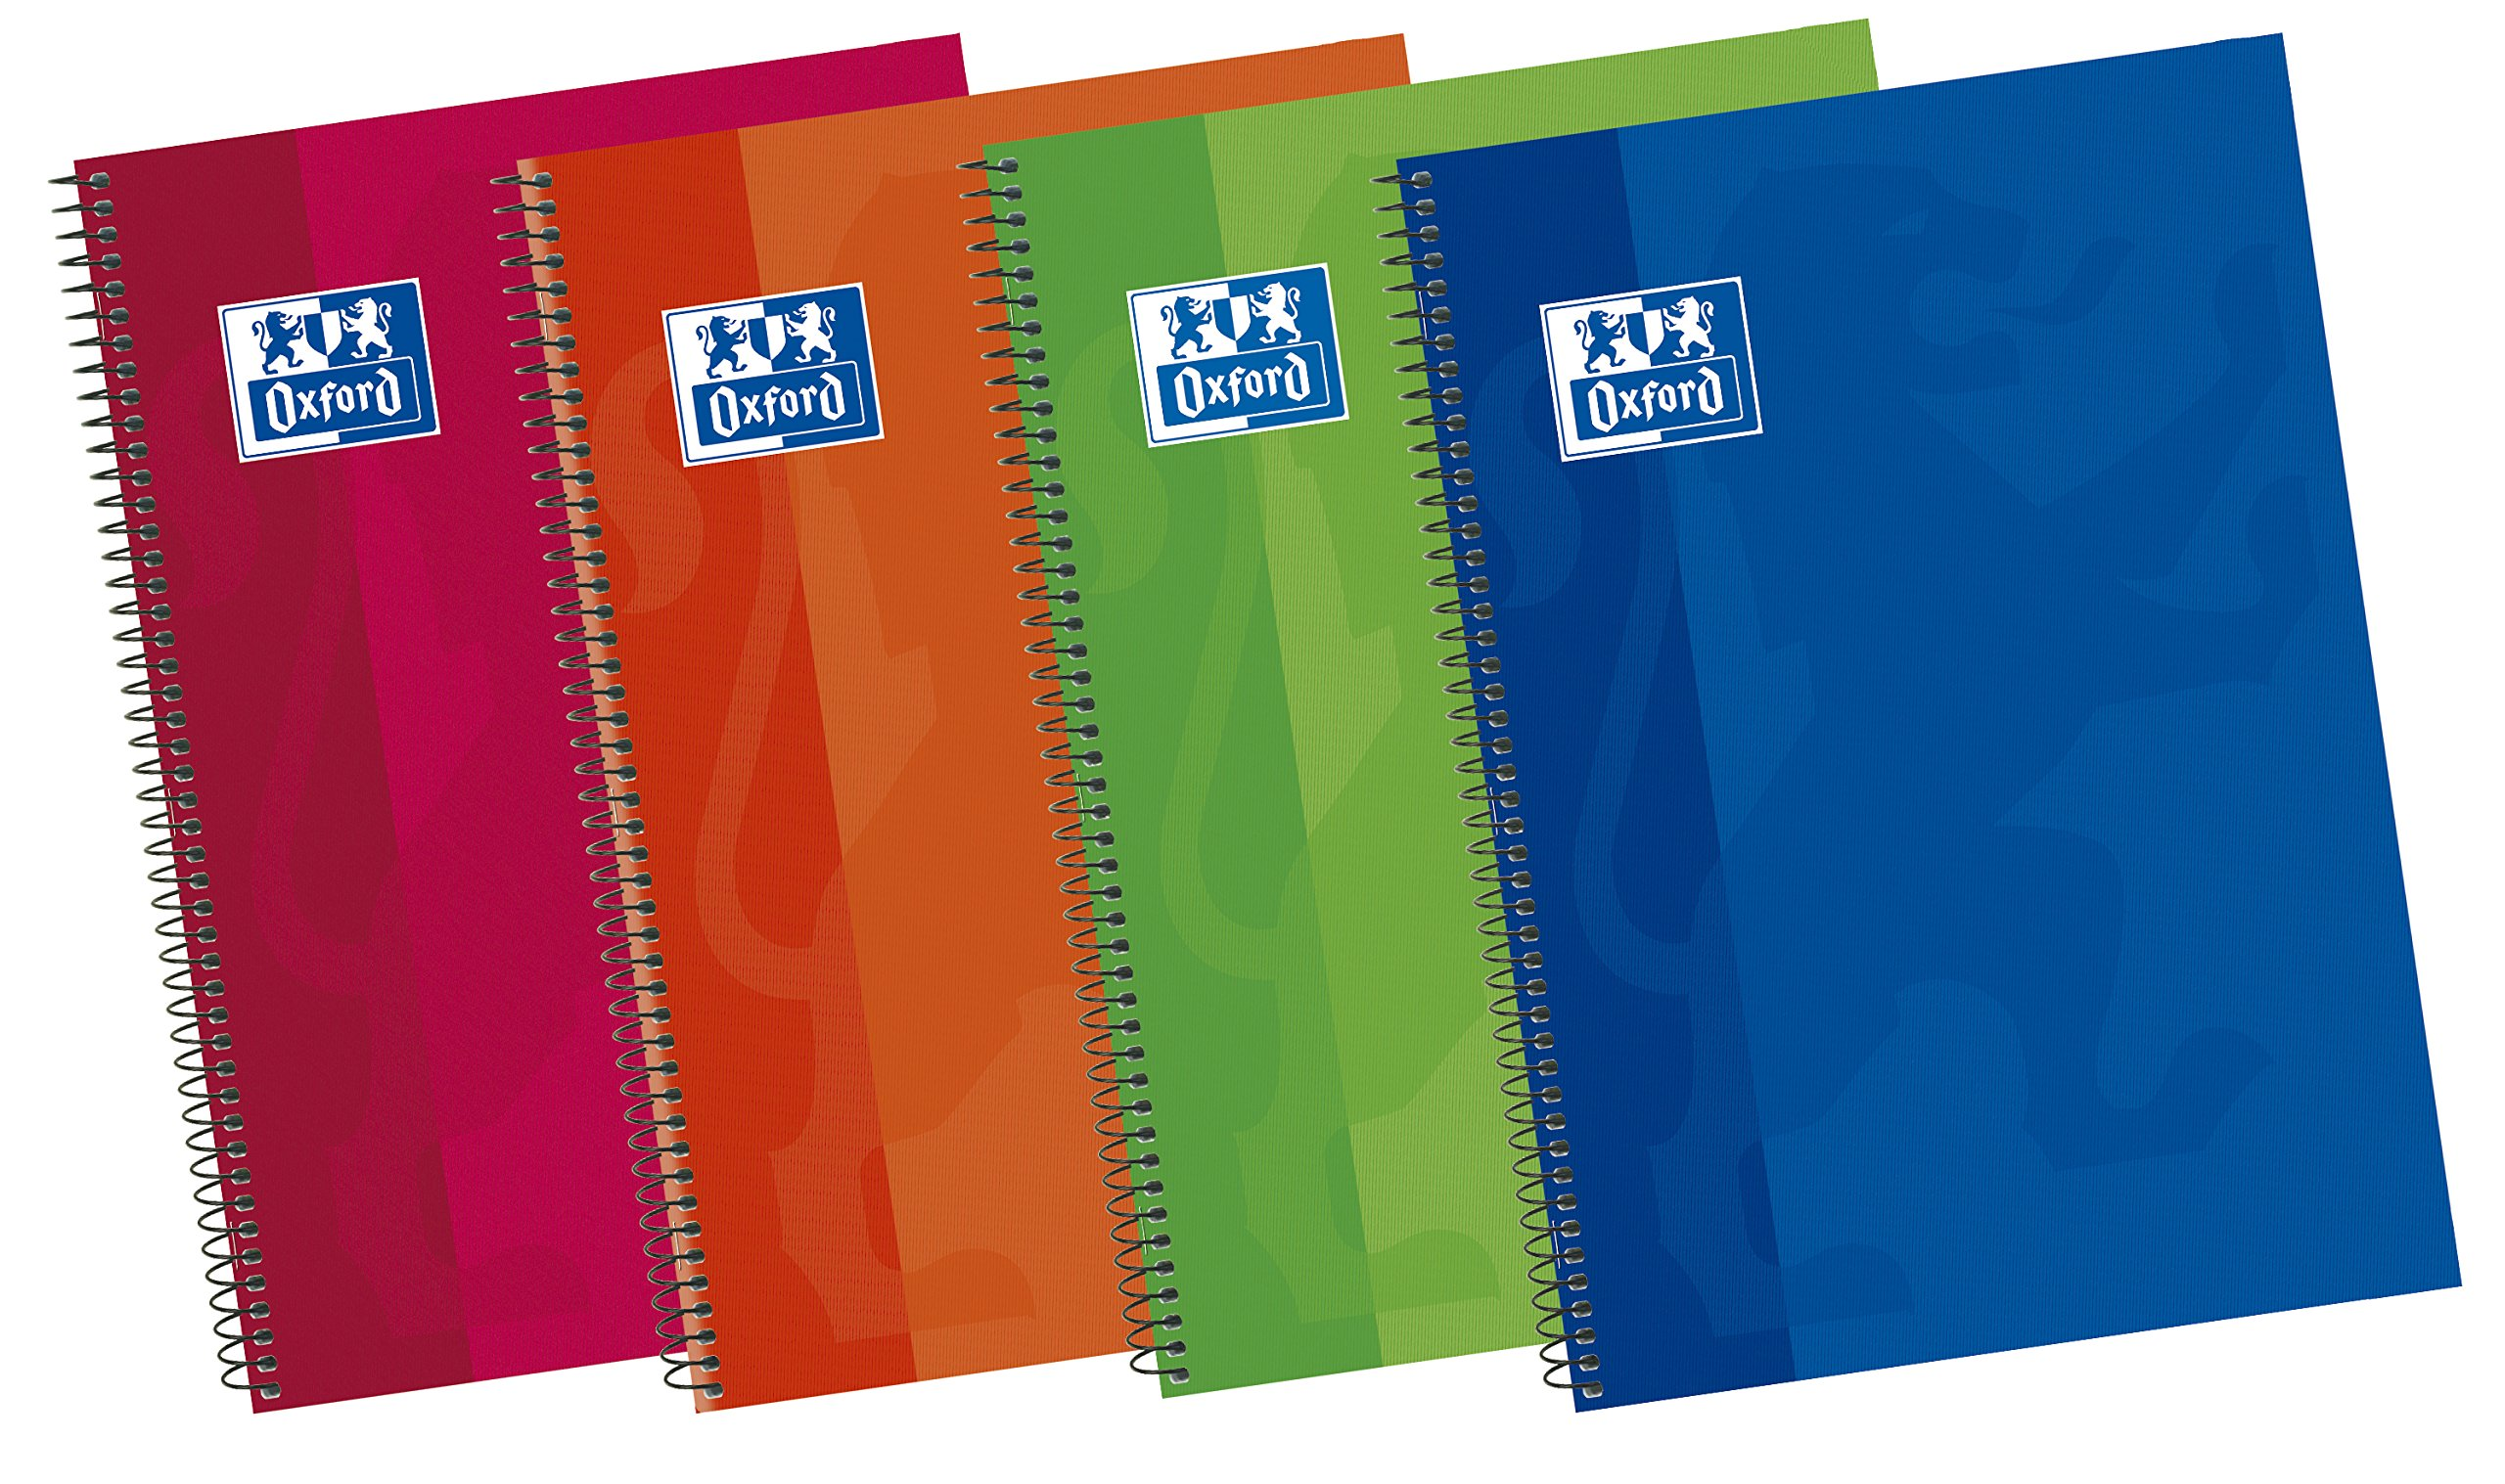 Oxford Classic 400043990 - Pack de 5 cuadernos espiral de tapa extradura, 4º: Amazon.es: Oficina y papelería